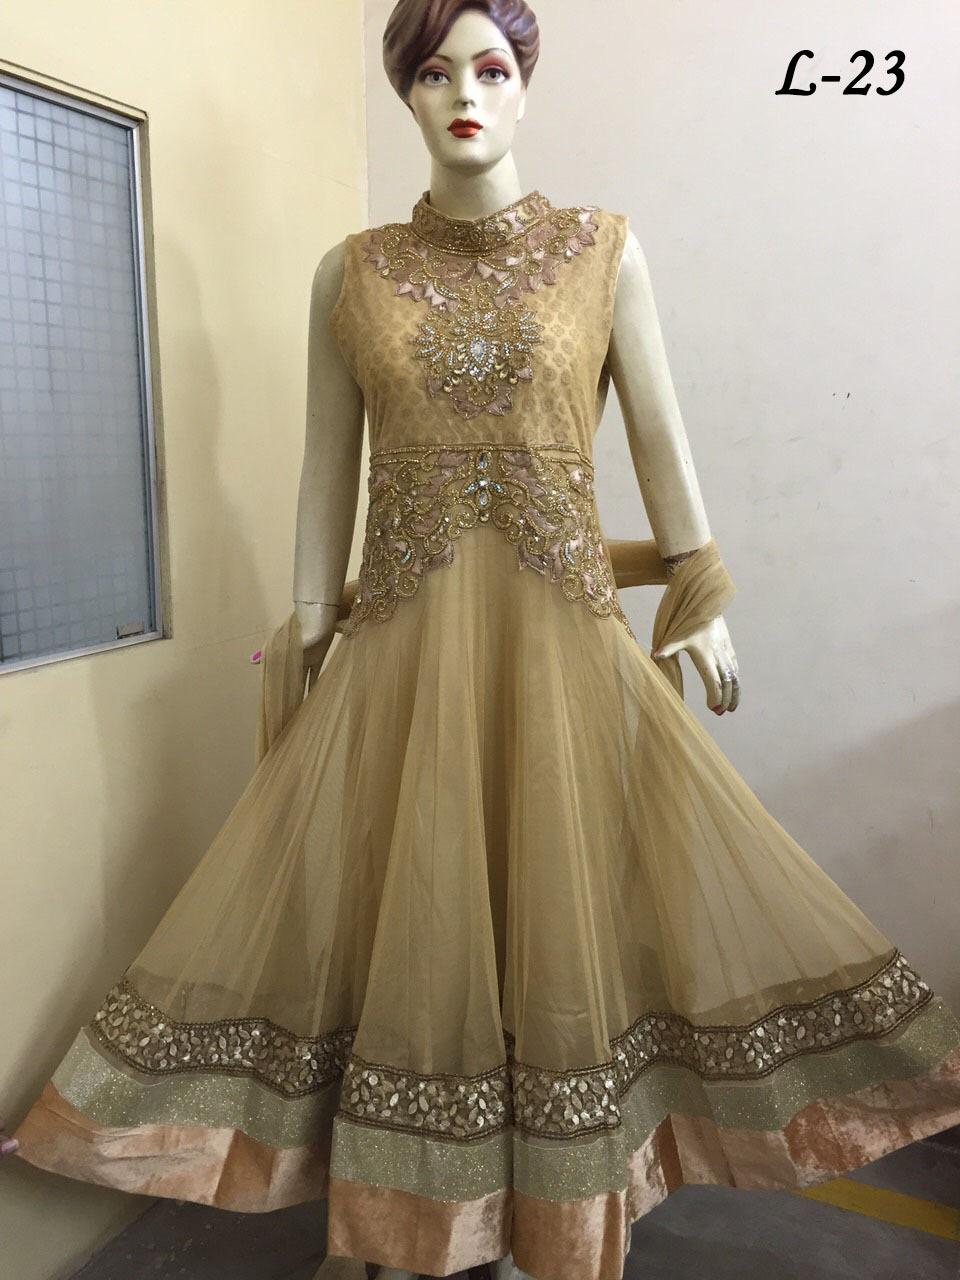 buy popular 7b296 48e23 Lungo Anarkali/abito Vestito Alla Moda In 3 Colori Diversi - Buy Product on  Alibaba.com